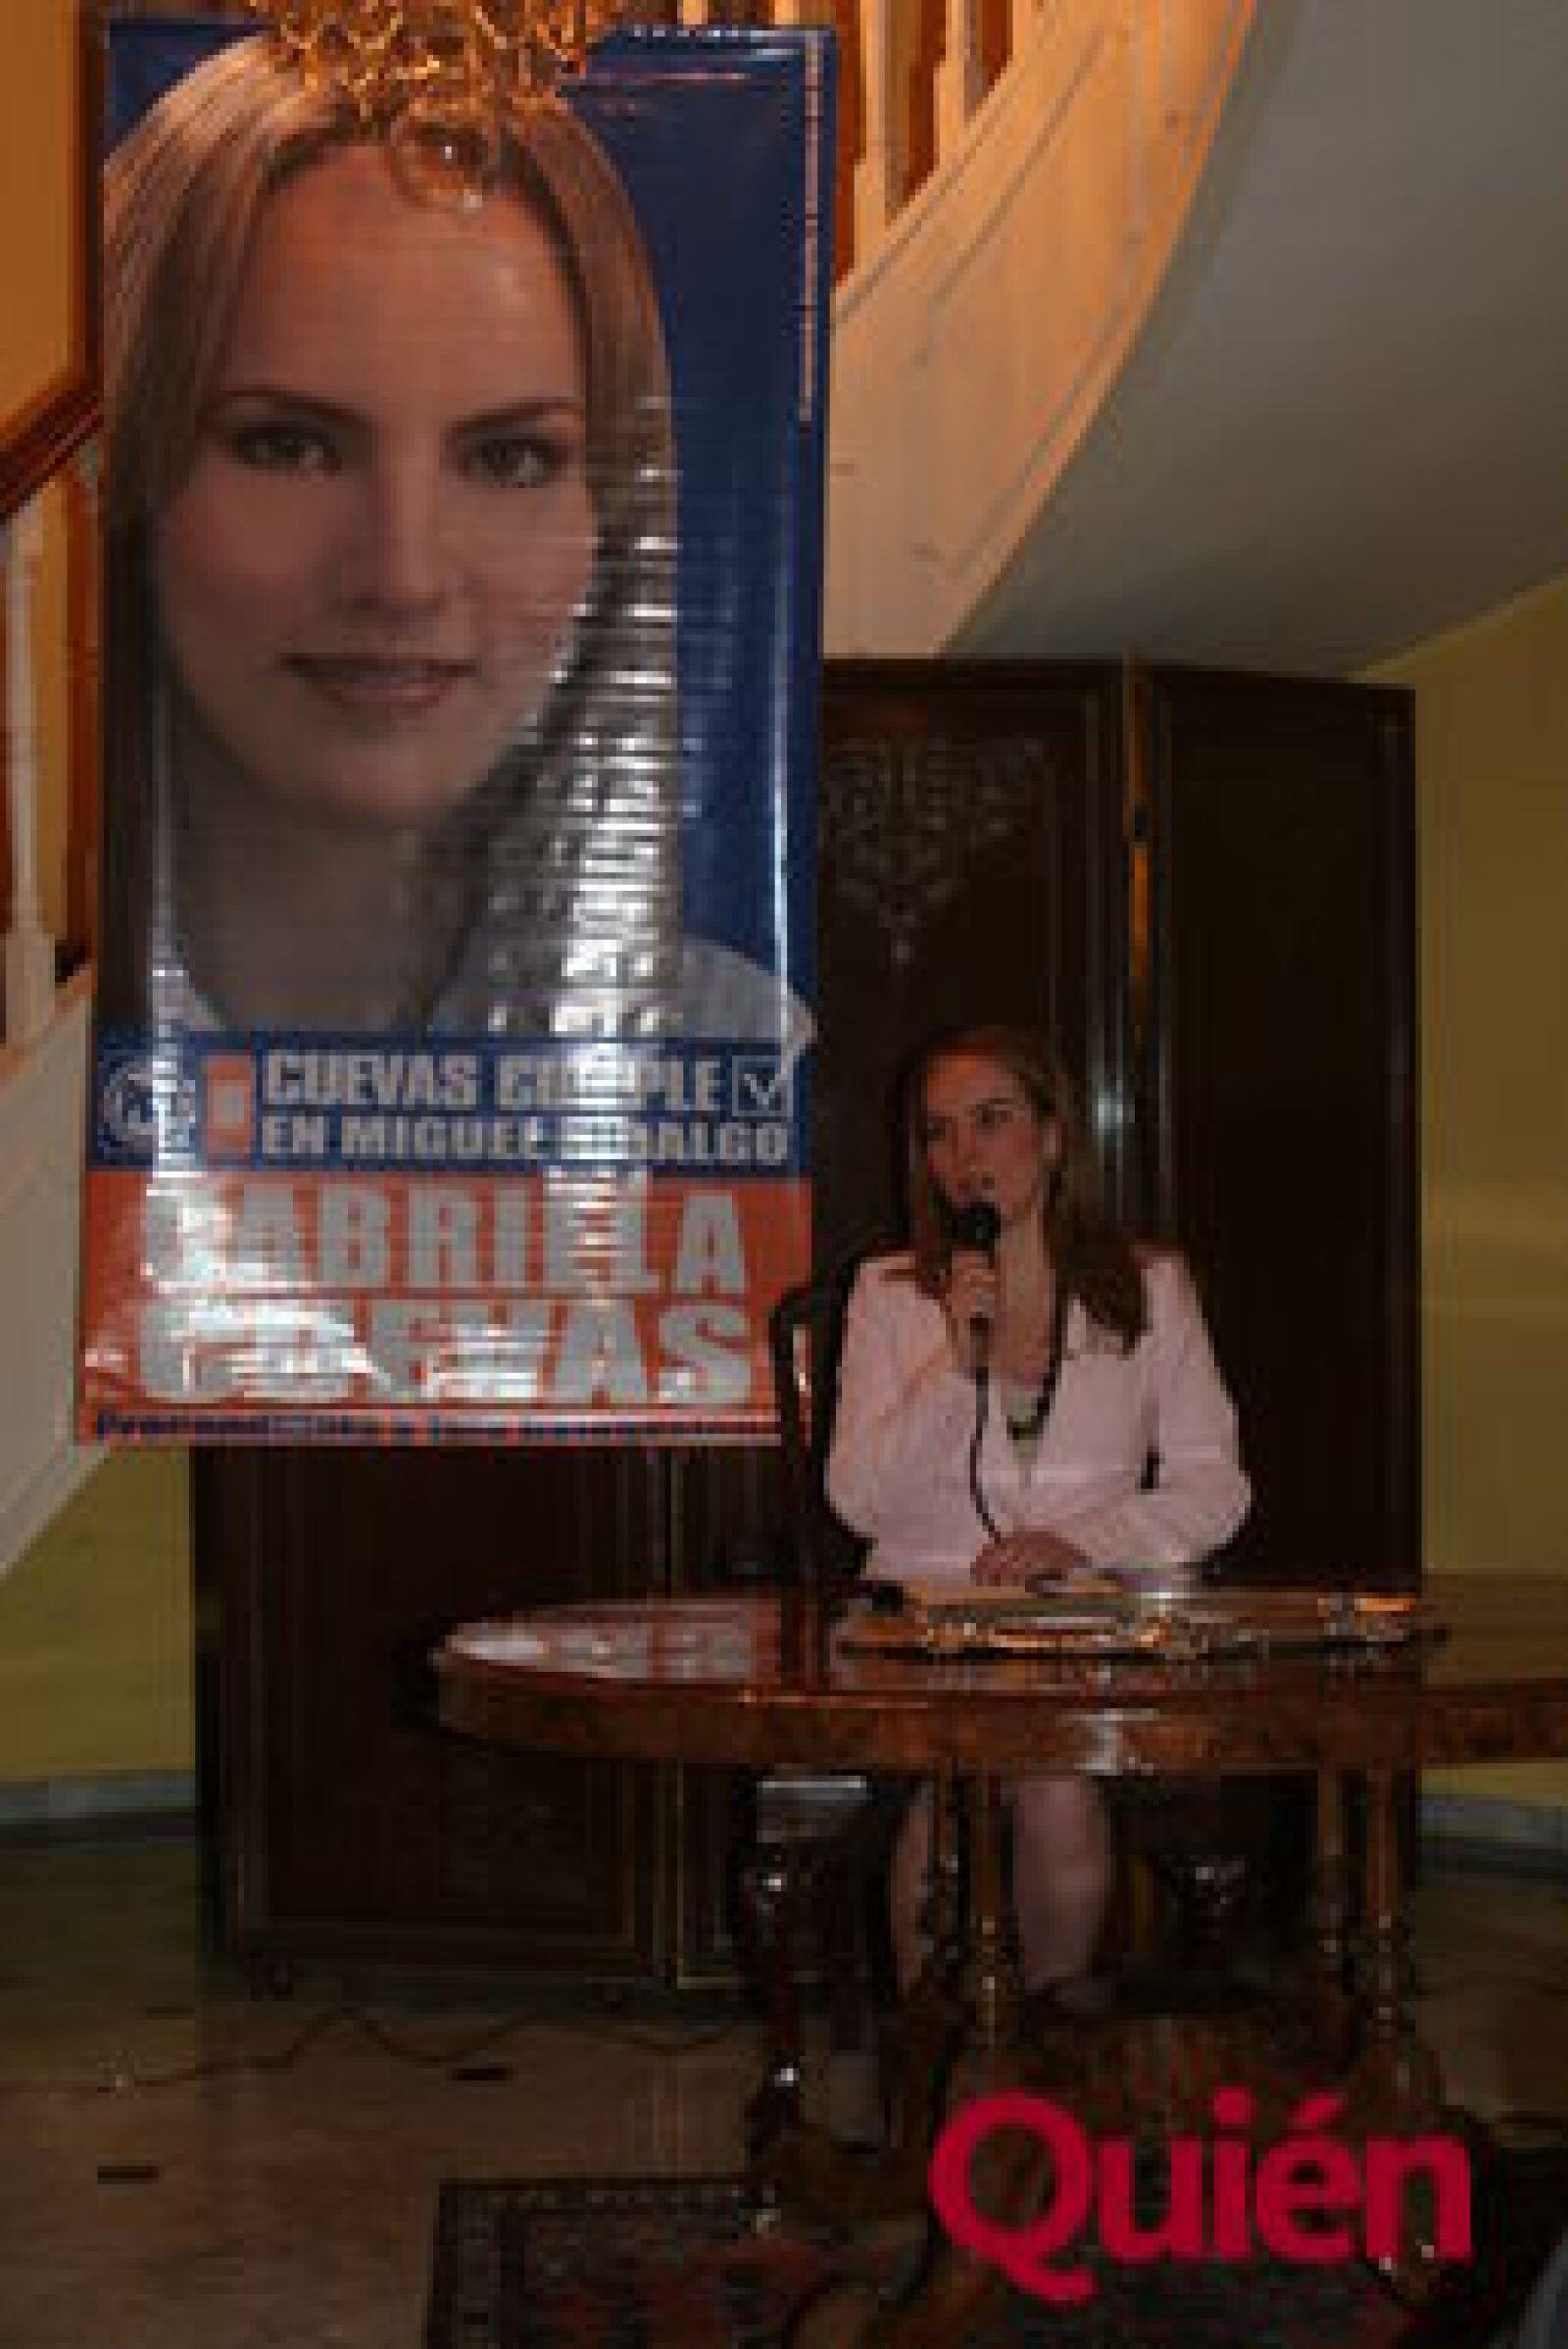 Gabriela Cuevas